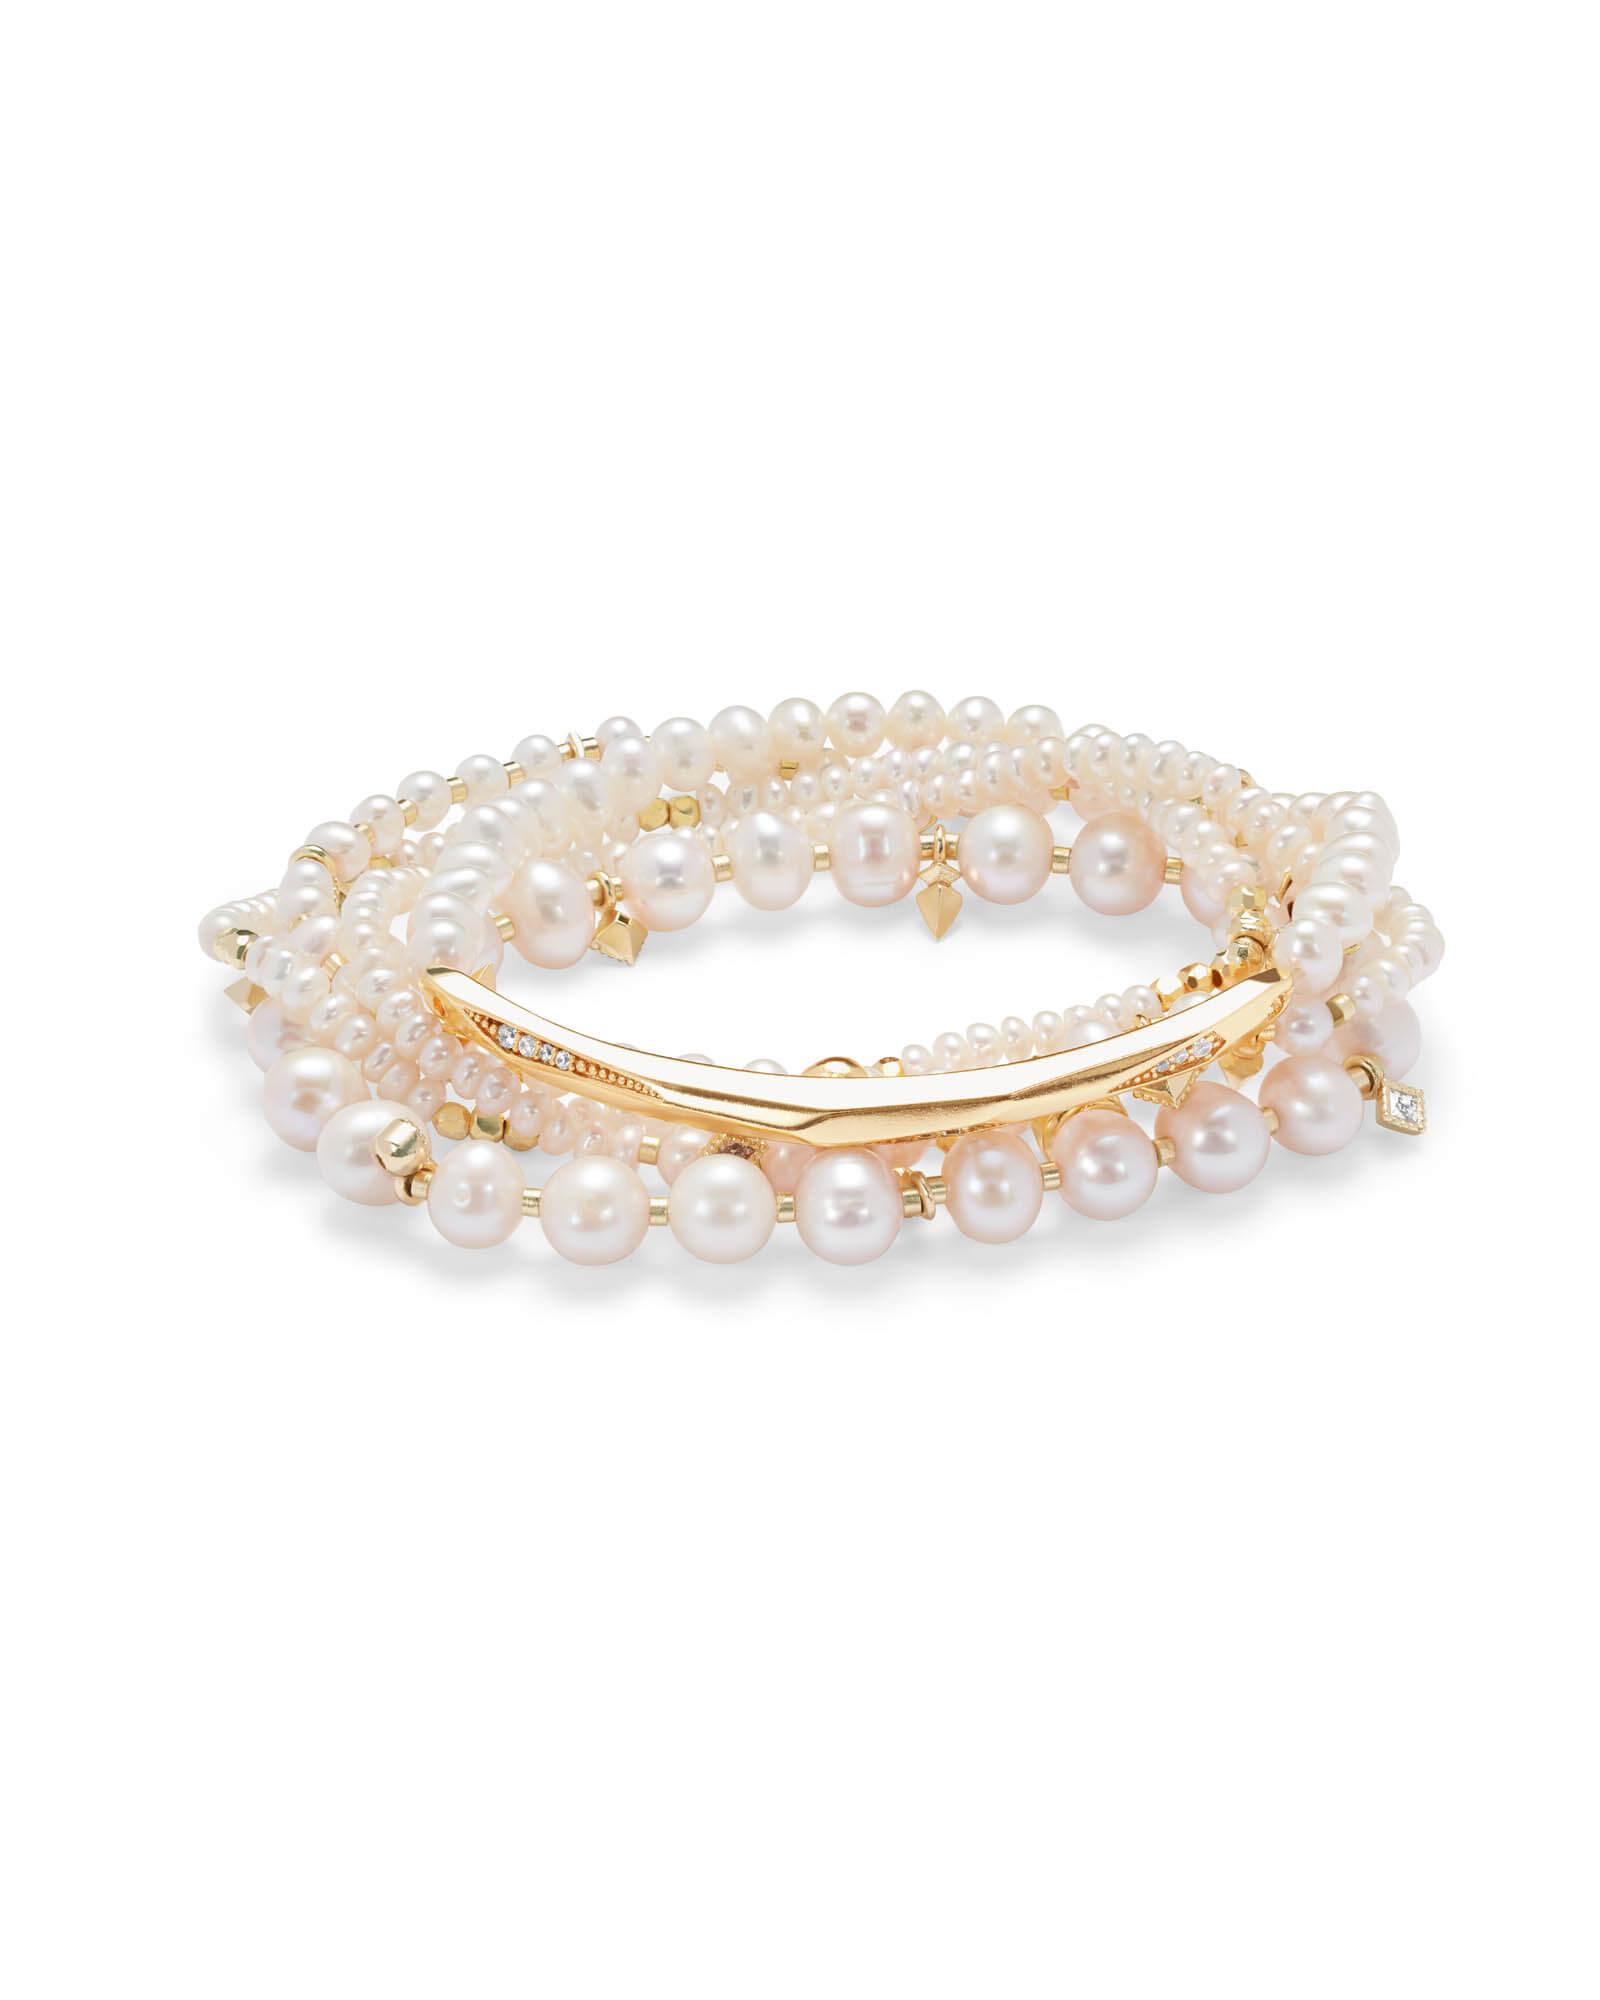 Supak Gold</br>Beaded Bracelet</br><i>$95.00</i>